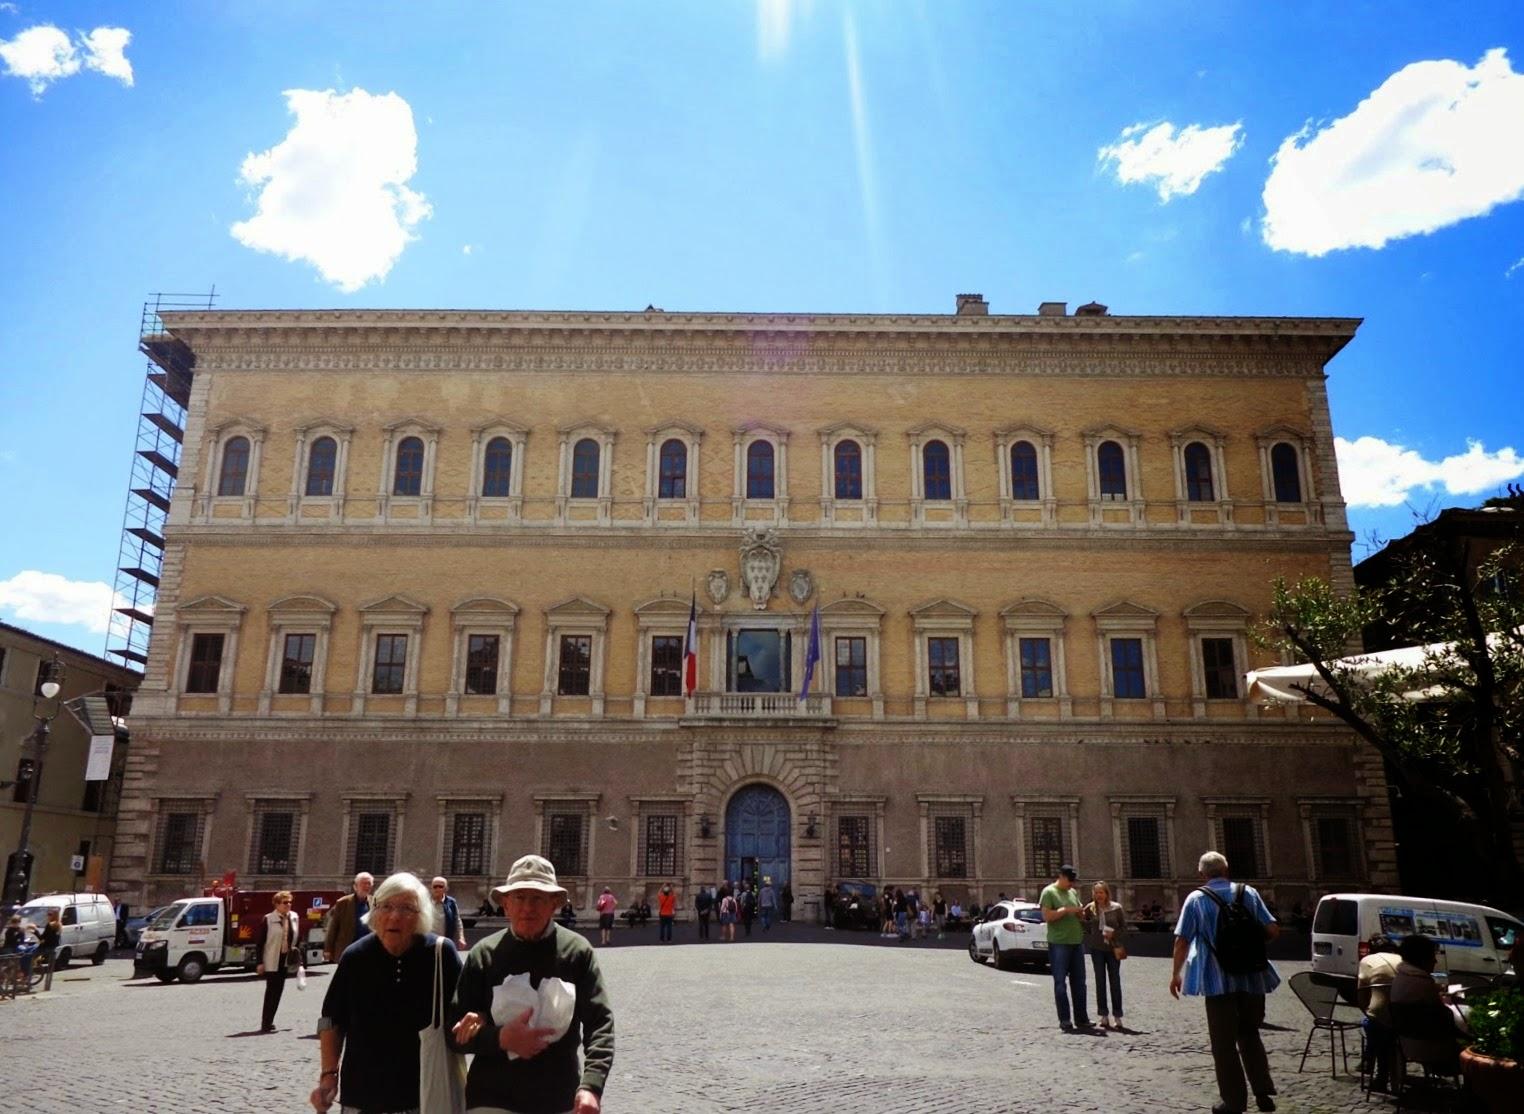 Palazzo Farnese, harmonioso e imponente, é um dos mais emblemáticos edifícios do Renascimento e o mais representativo entre as relações da Itália com a França no século XVI.